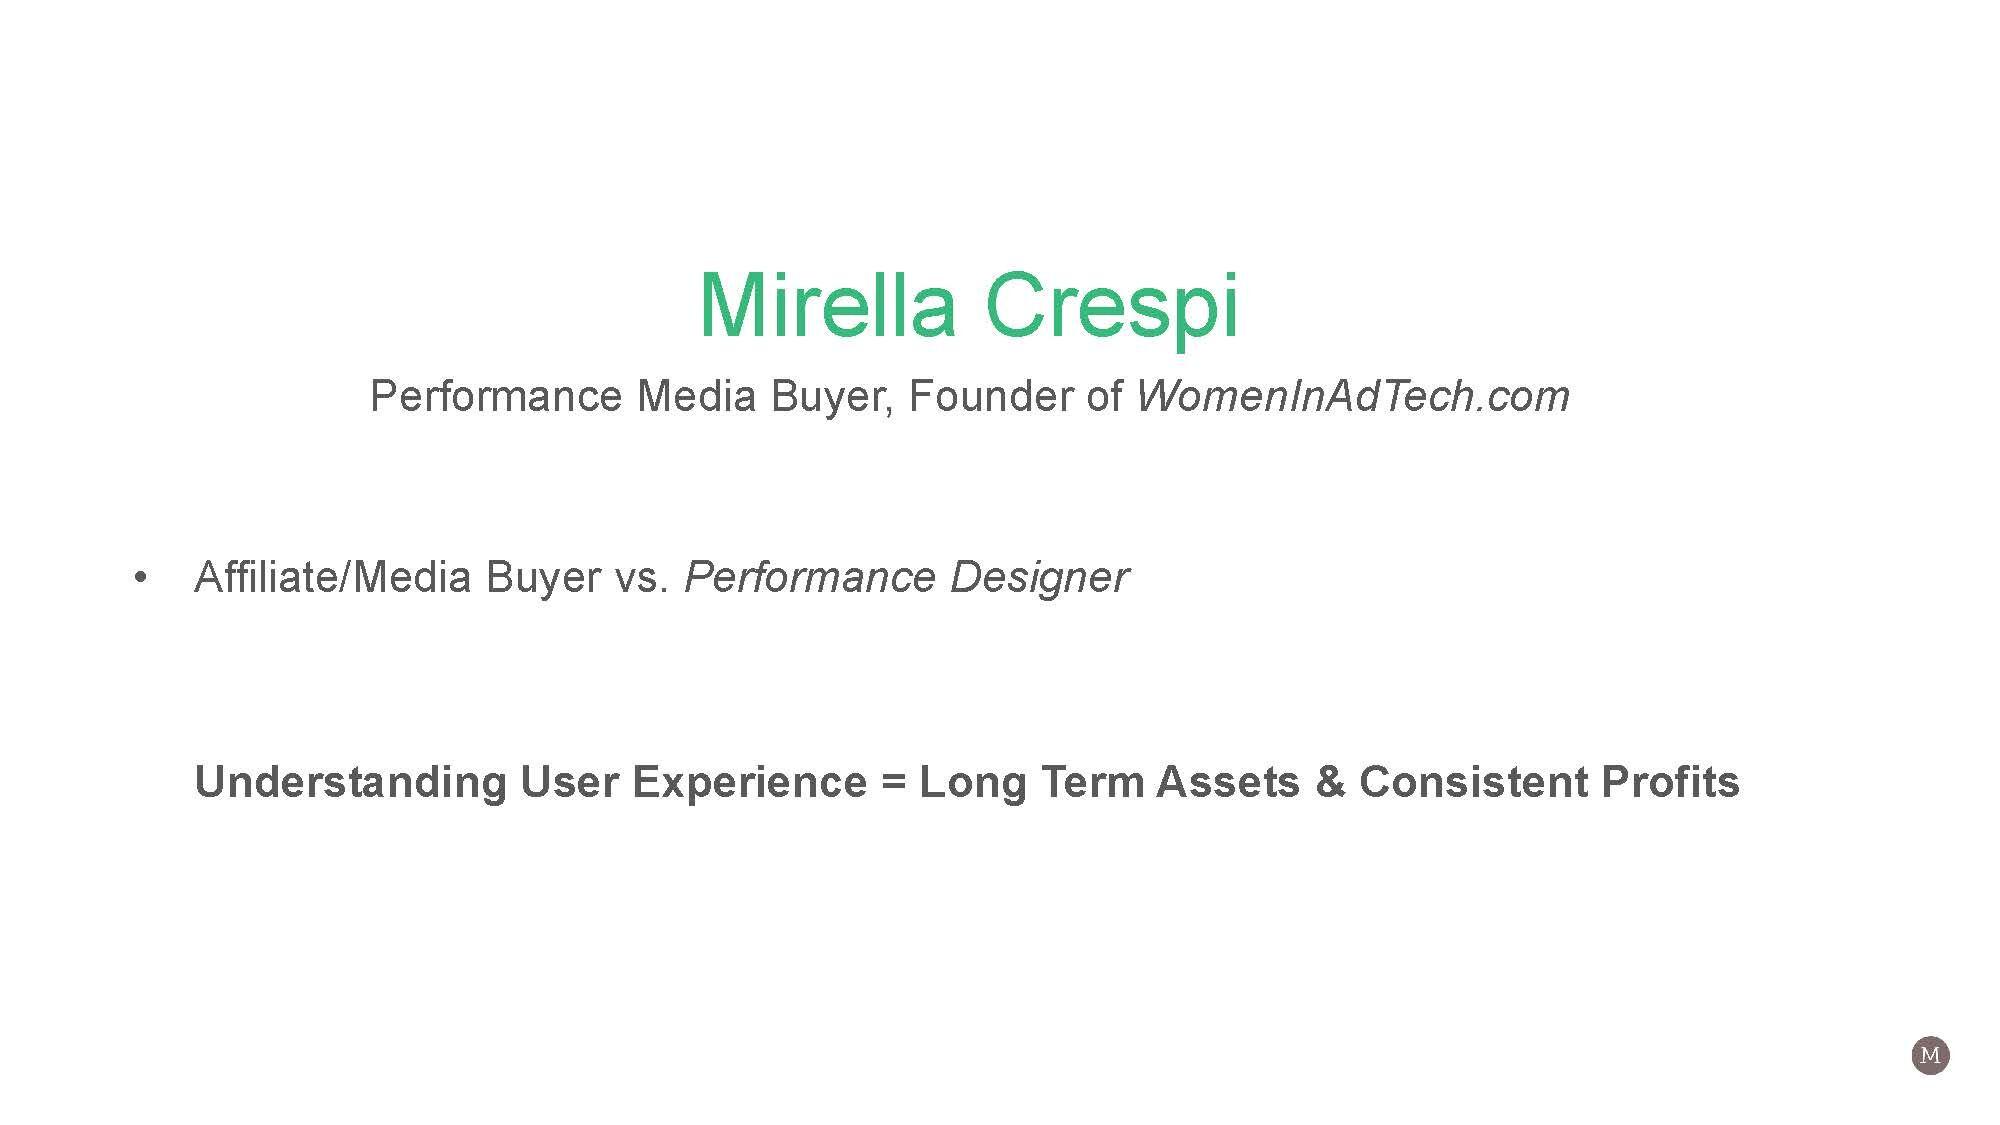 Mirella Crespi